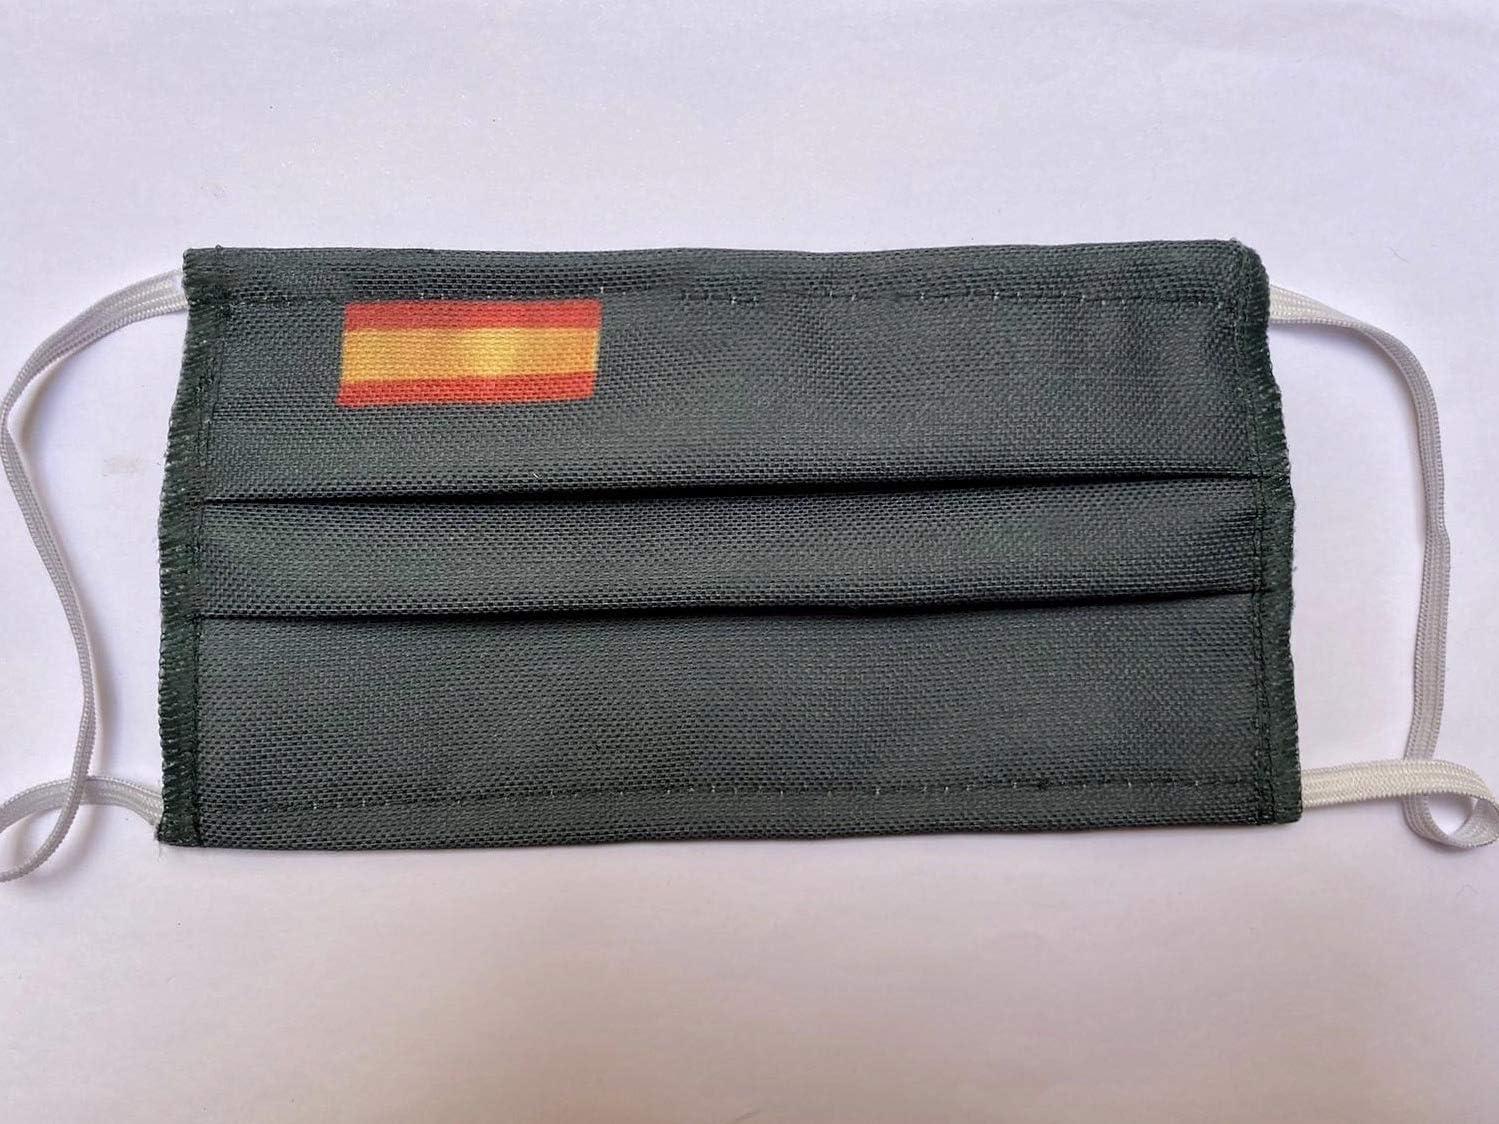 Mascarilla verde tela protectora homologada 3 capas bandera de ...